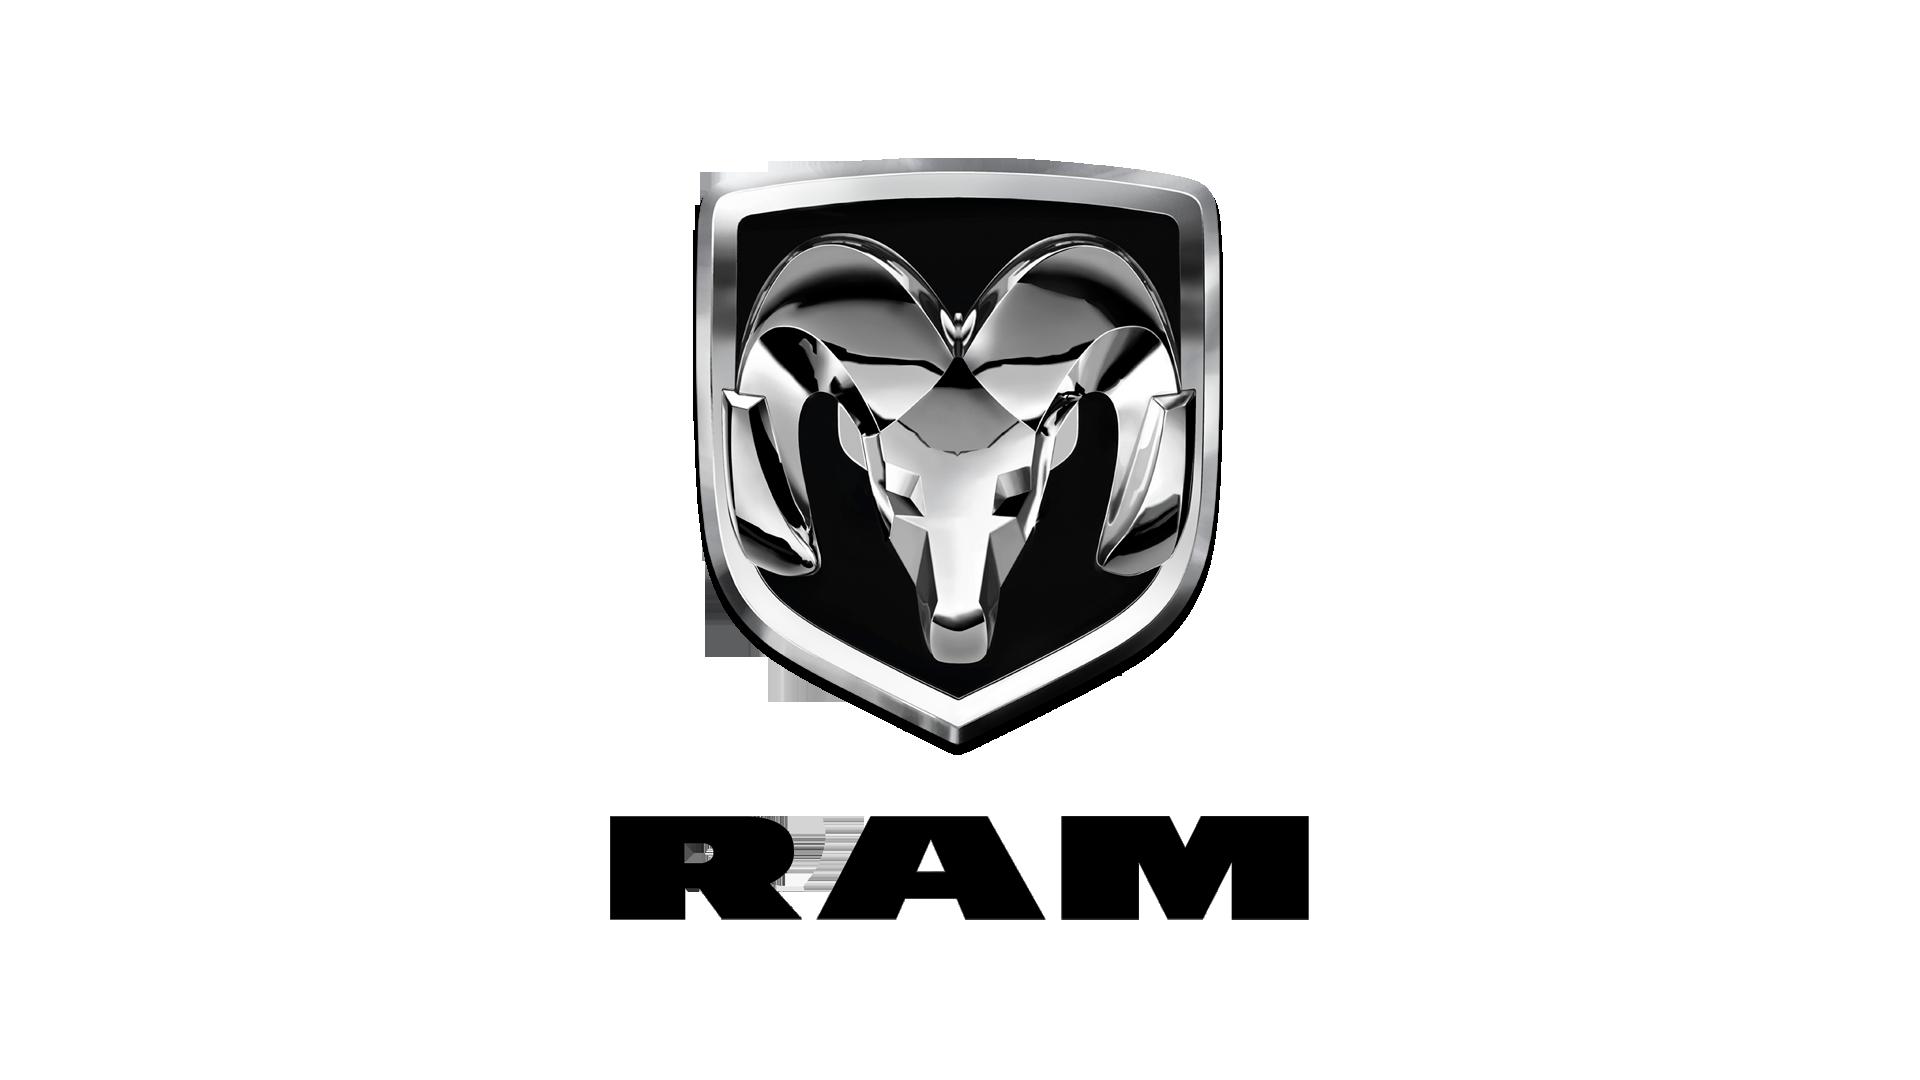 Waipahu RAM